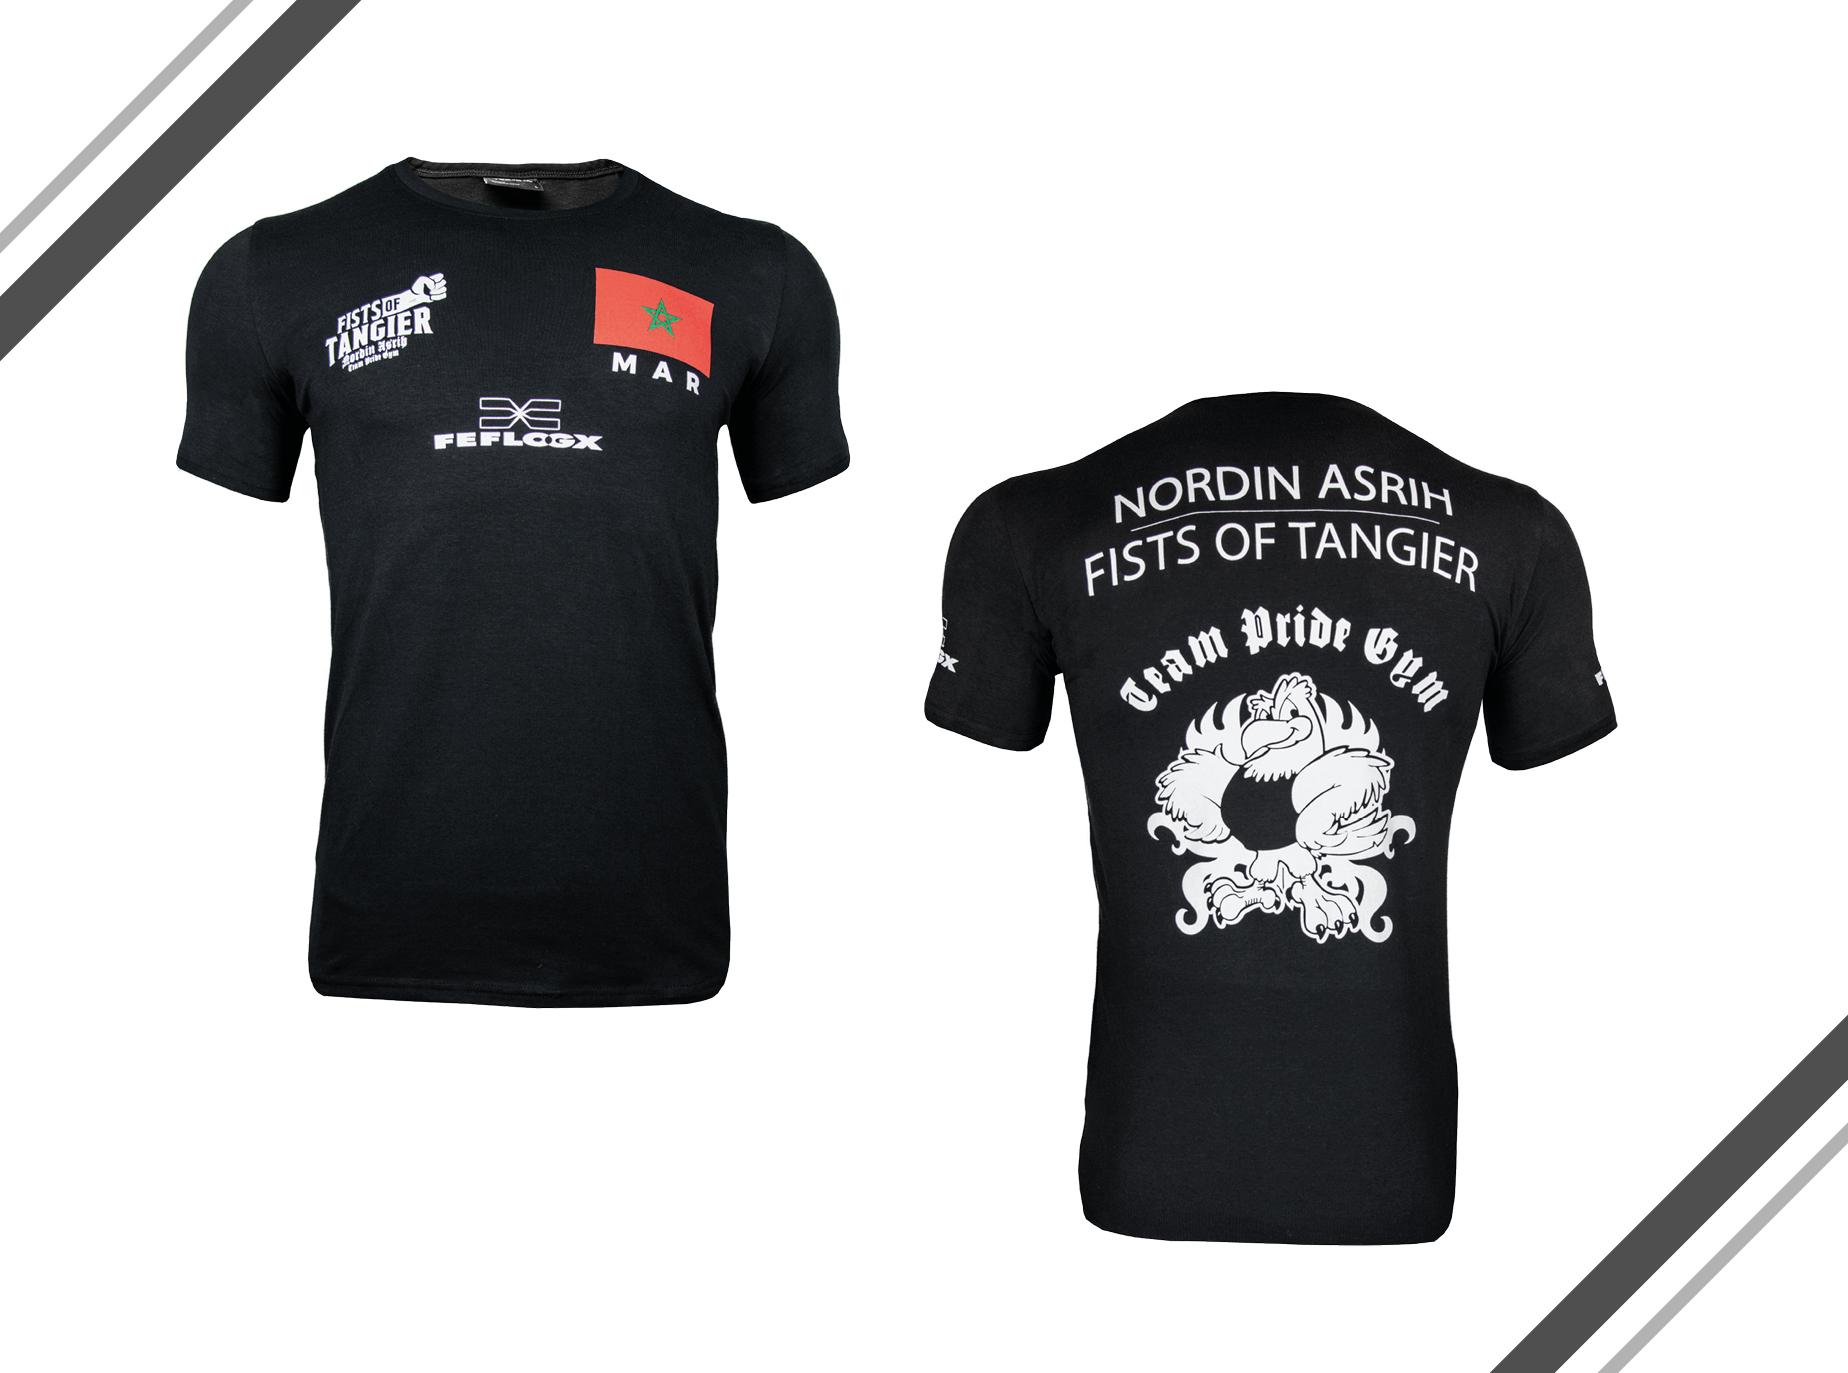 FEFLOGX Sportswear Support-Shirt, Hinten, Nordin Asrih, GMC, MMA-Fighter (1)..